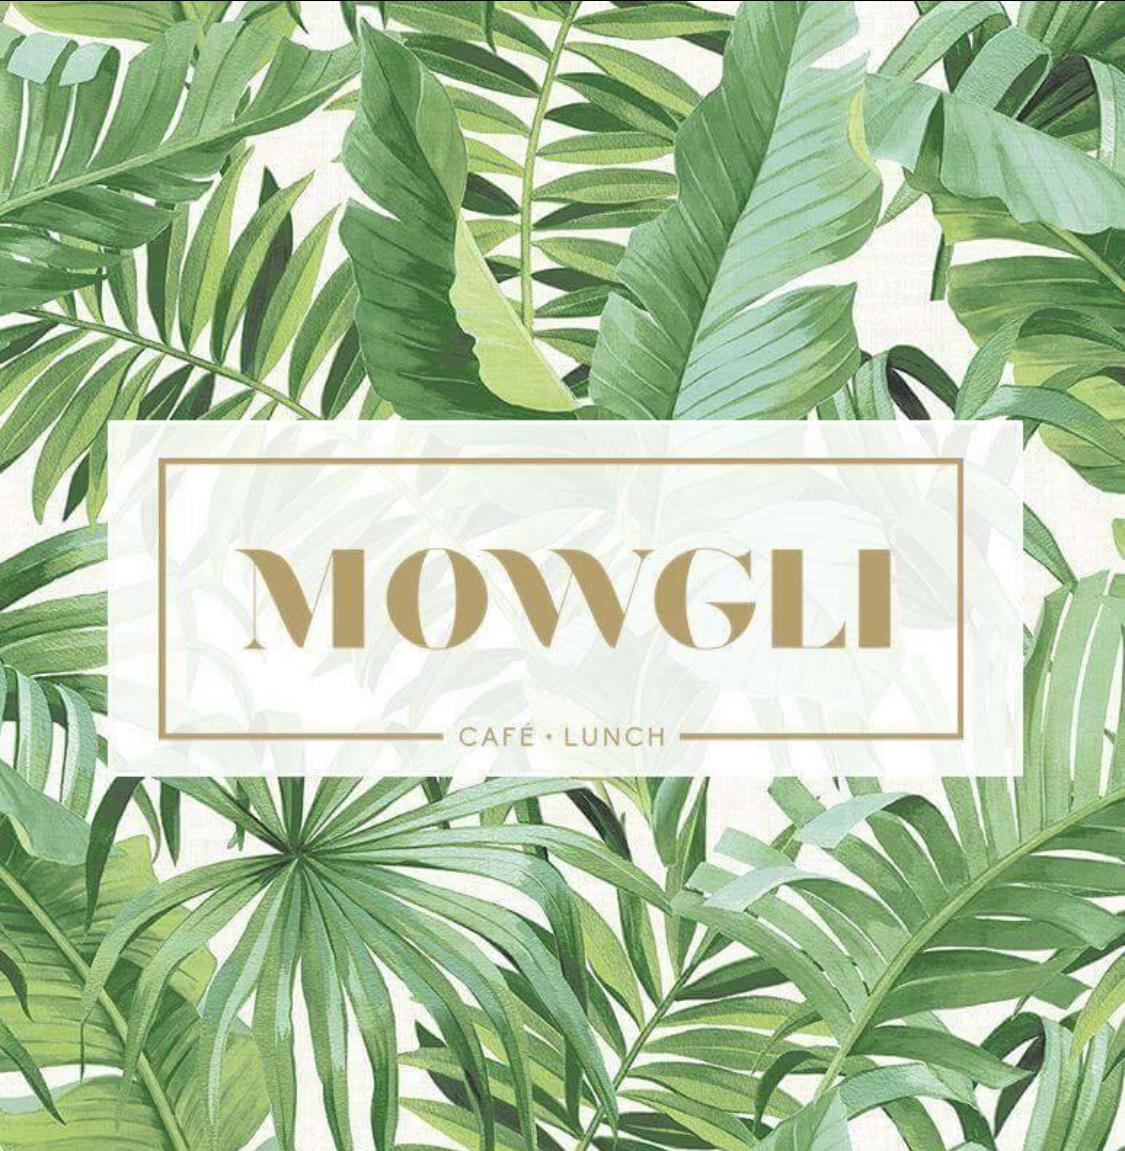 MOWGLI CAFE LUNCH